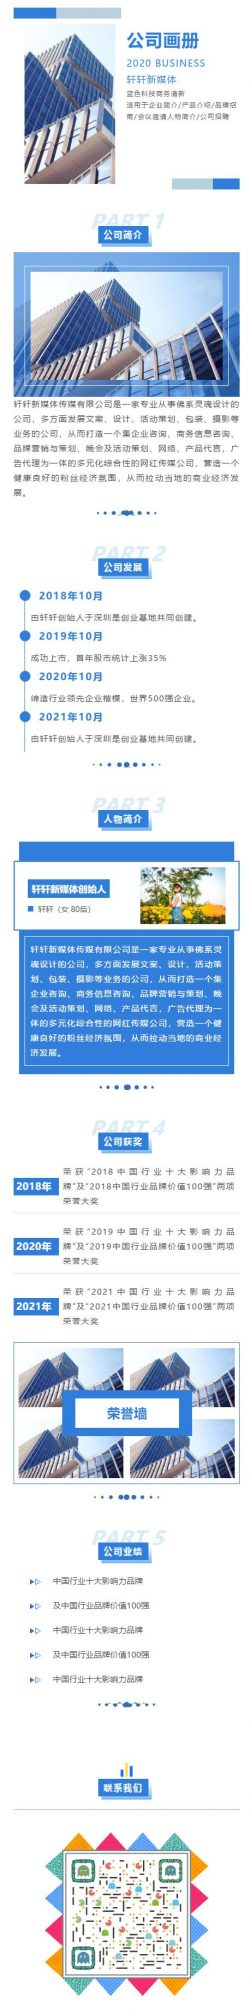 公司画册公司简介企业文化介绍蓝色简约风格模板公众号文章素材